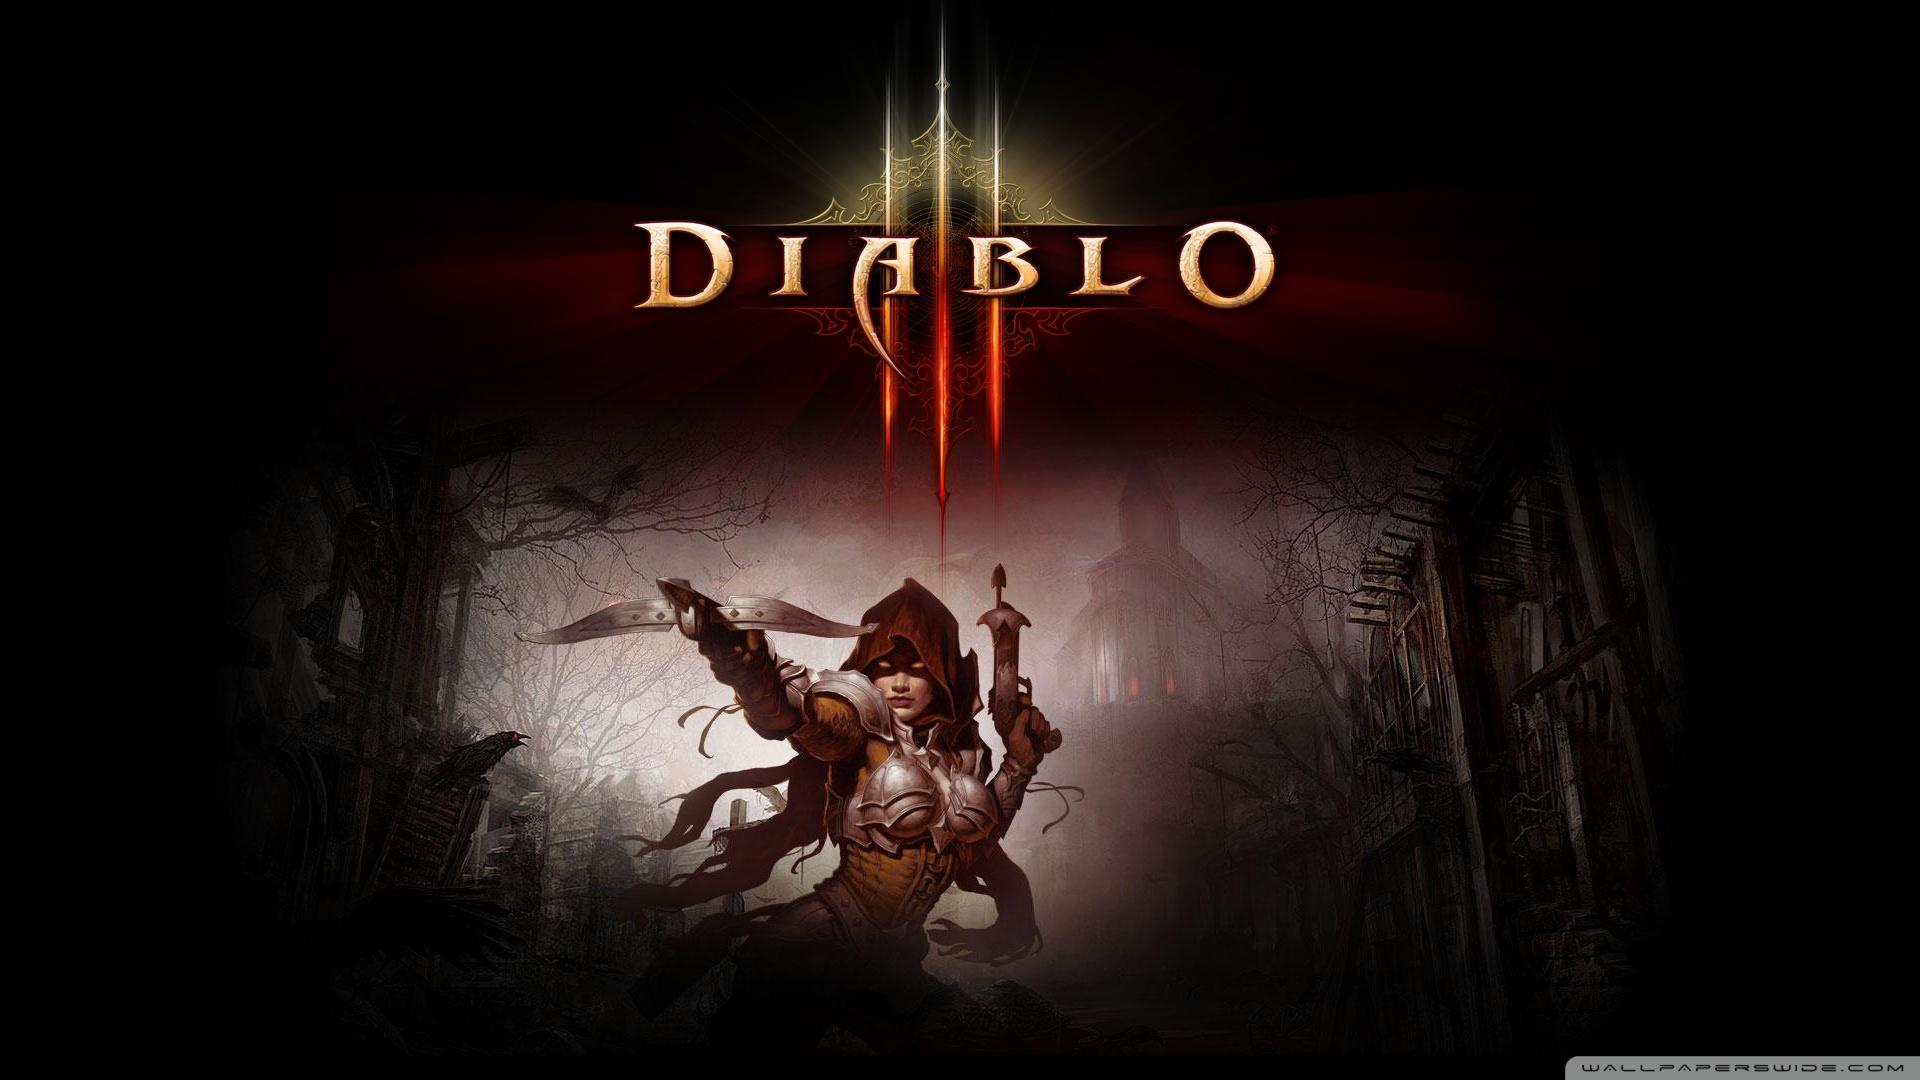 Cool Hd Wallpapers For Mobile Diablo 3 4k Hd Desktop Wallpaper For 4k Ultra Hd Tv Wide